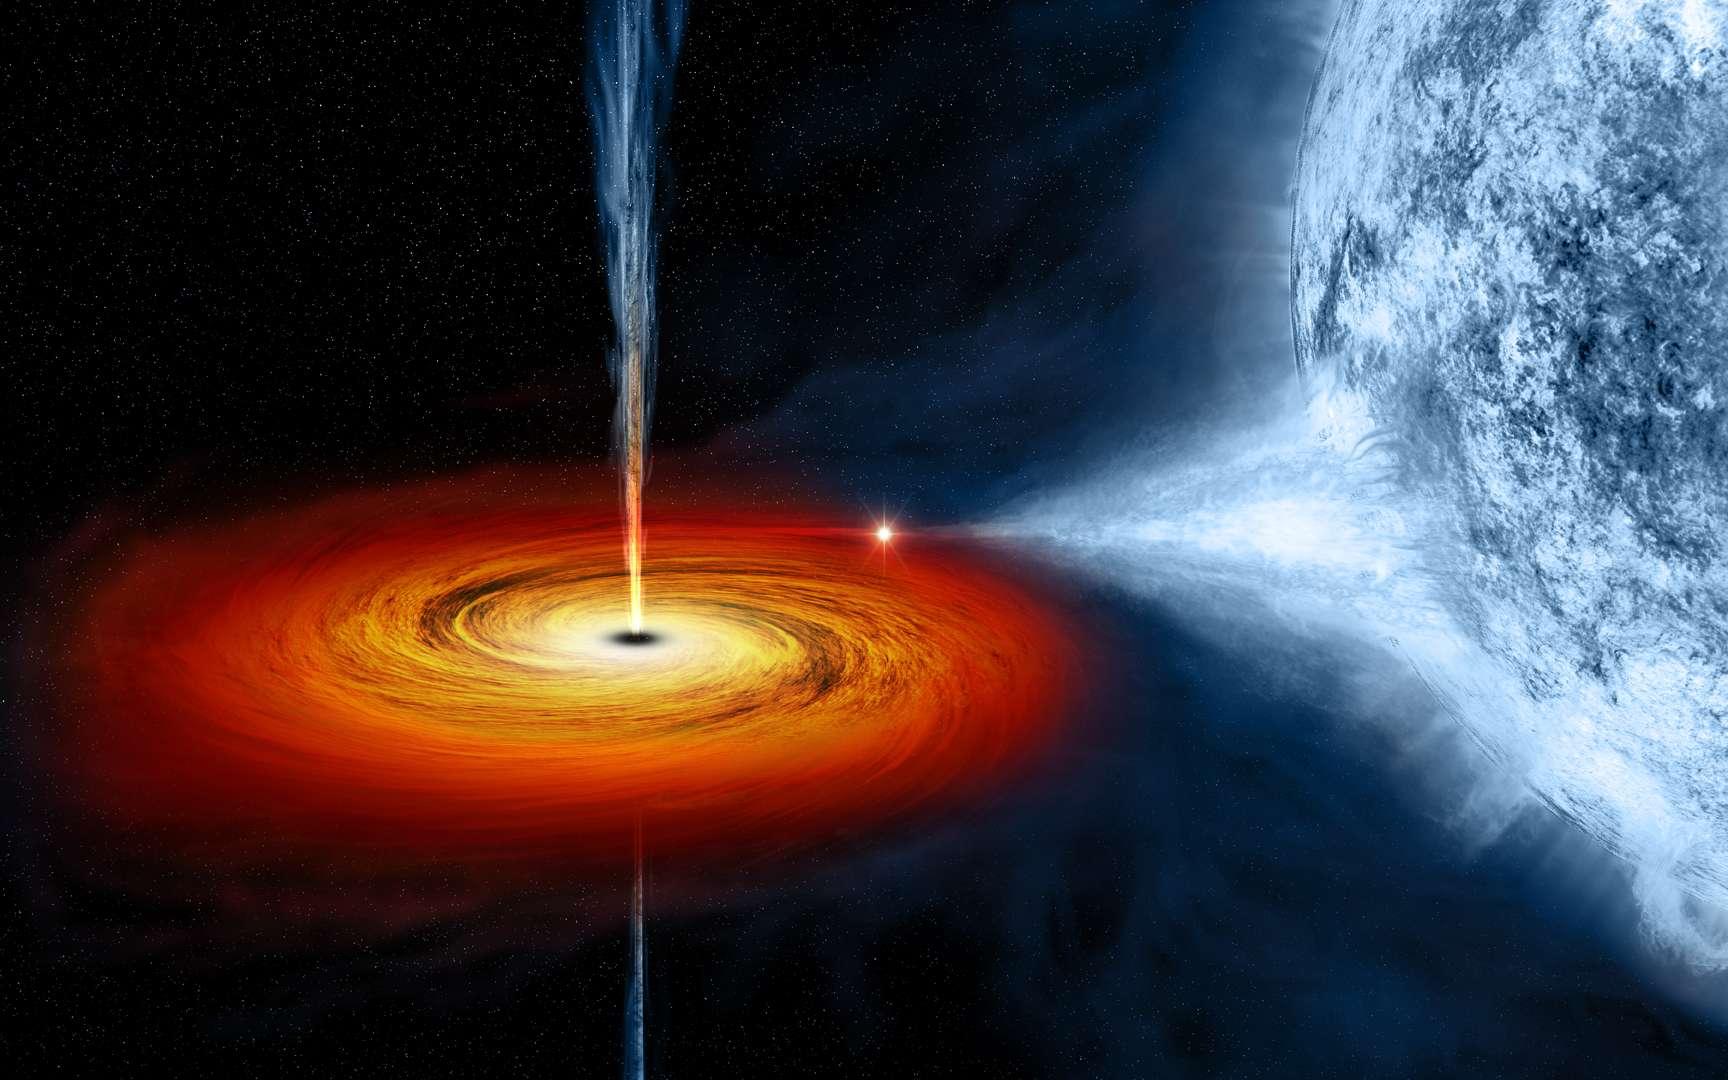 Le scintillement des trous noirs a pu être étudié. Ici, une vue d'artiste du trou noir Cygnus X-1 et de son étoile compagnon. © Nasa/CXC/M. Weiss, Wikimedia Commons, DP